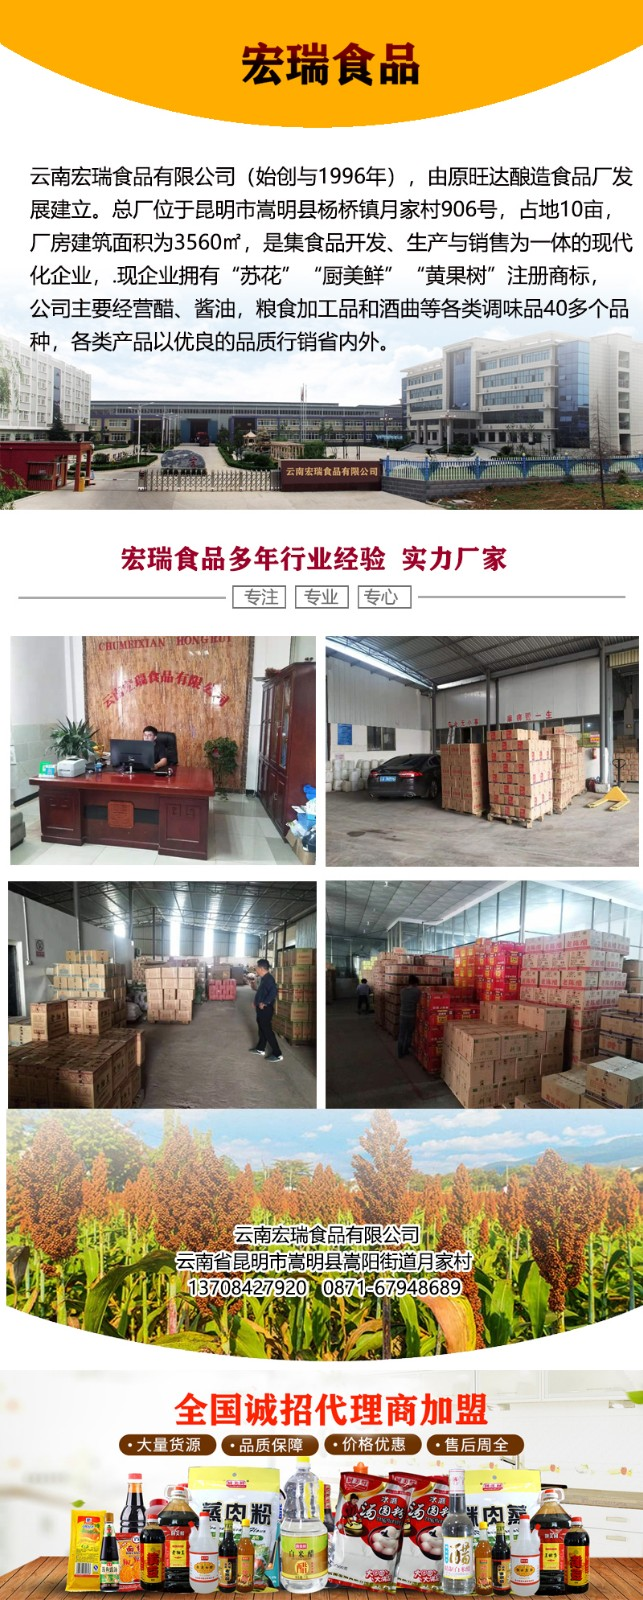 gongsijieshao222.jpg